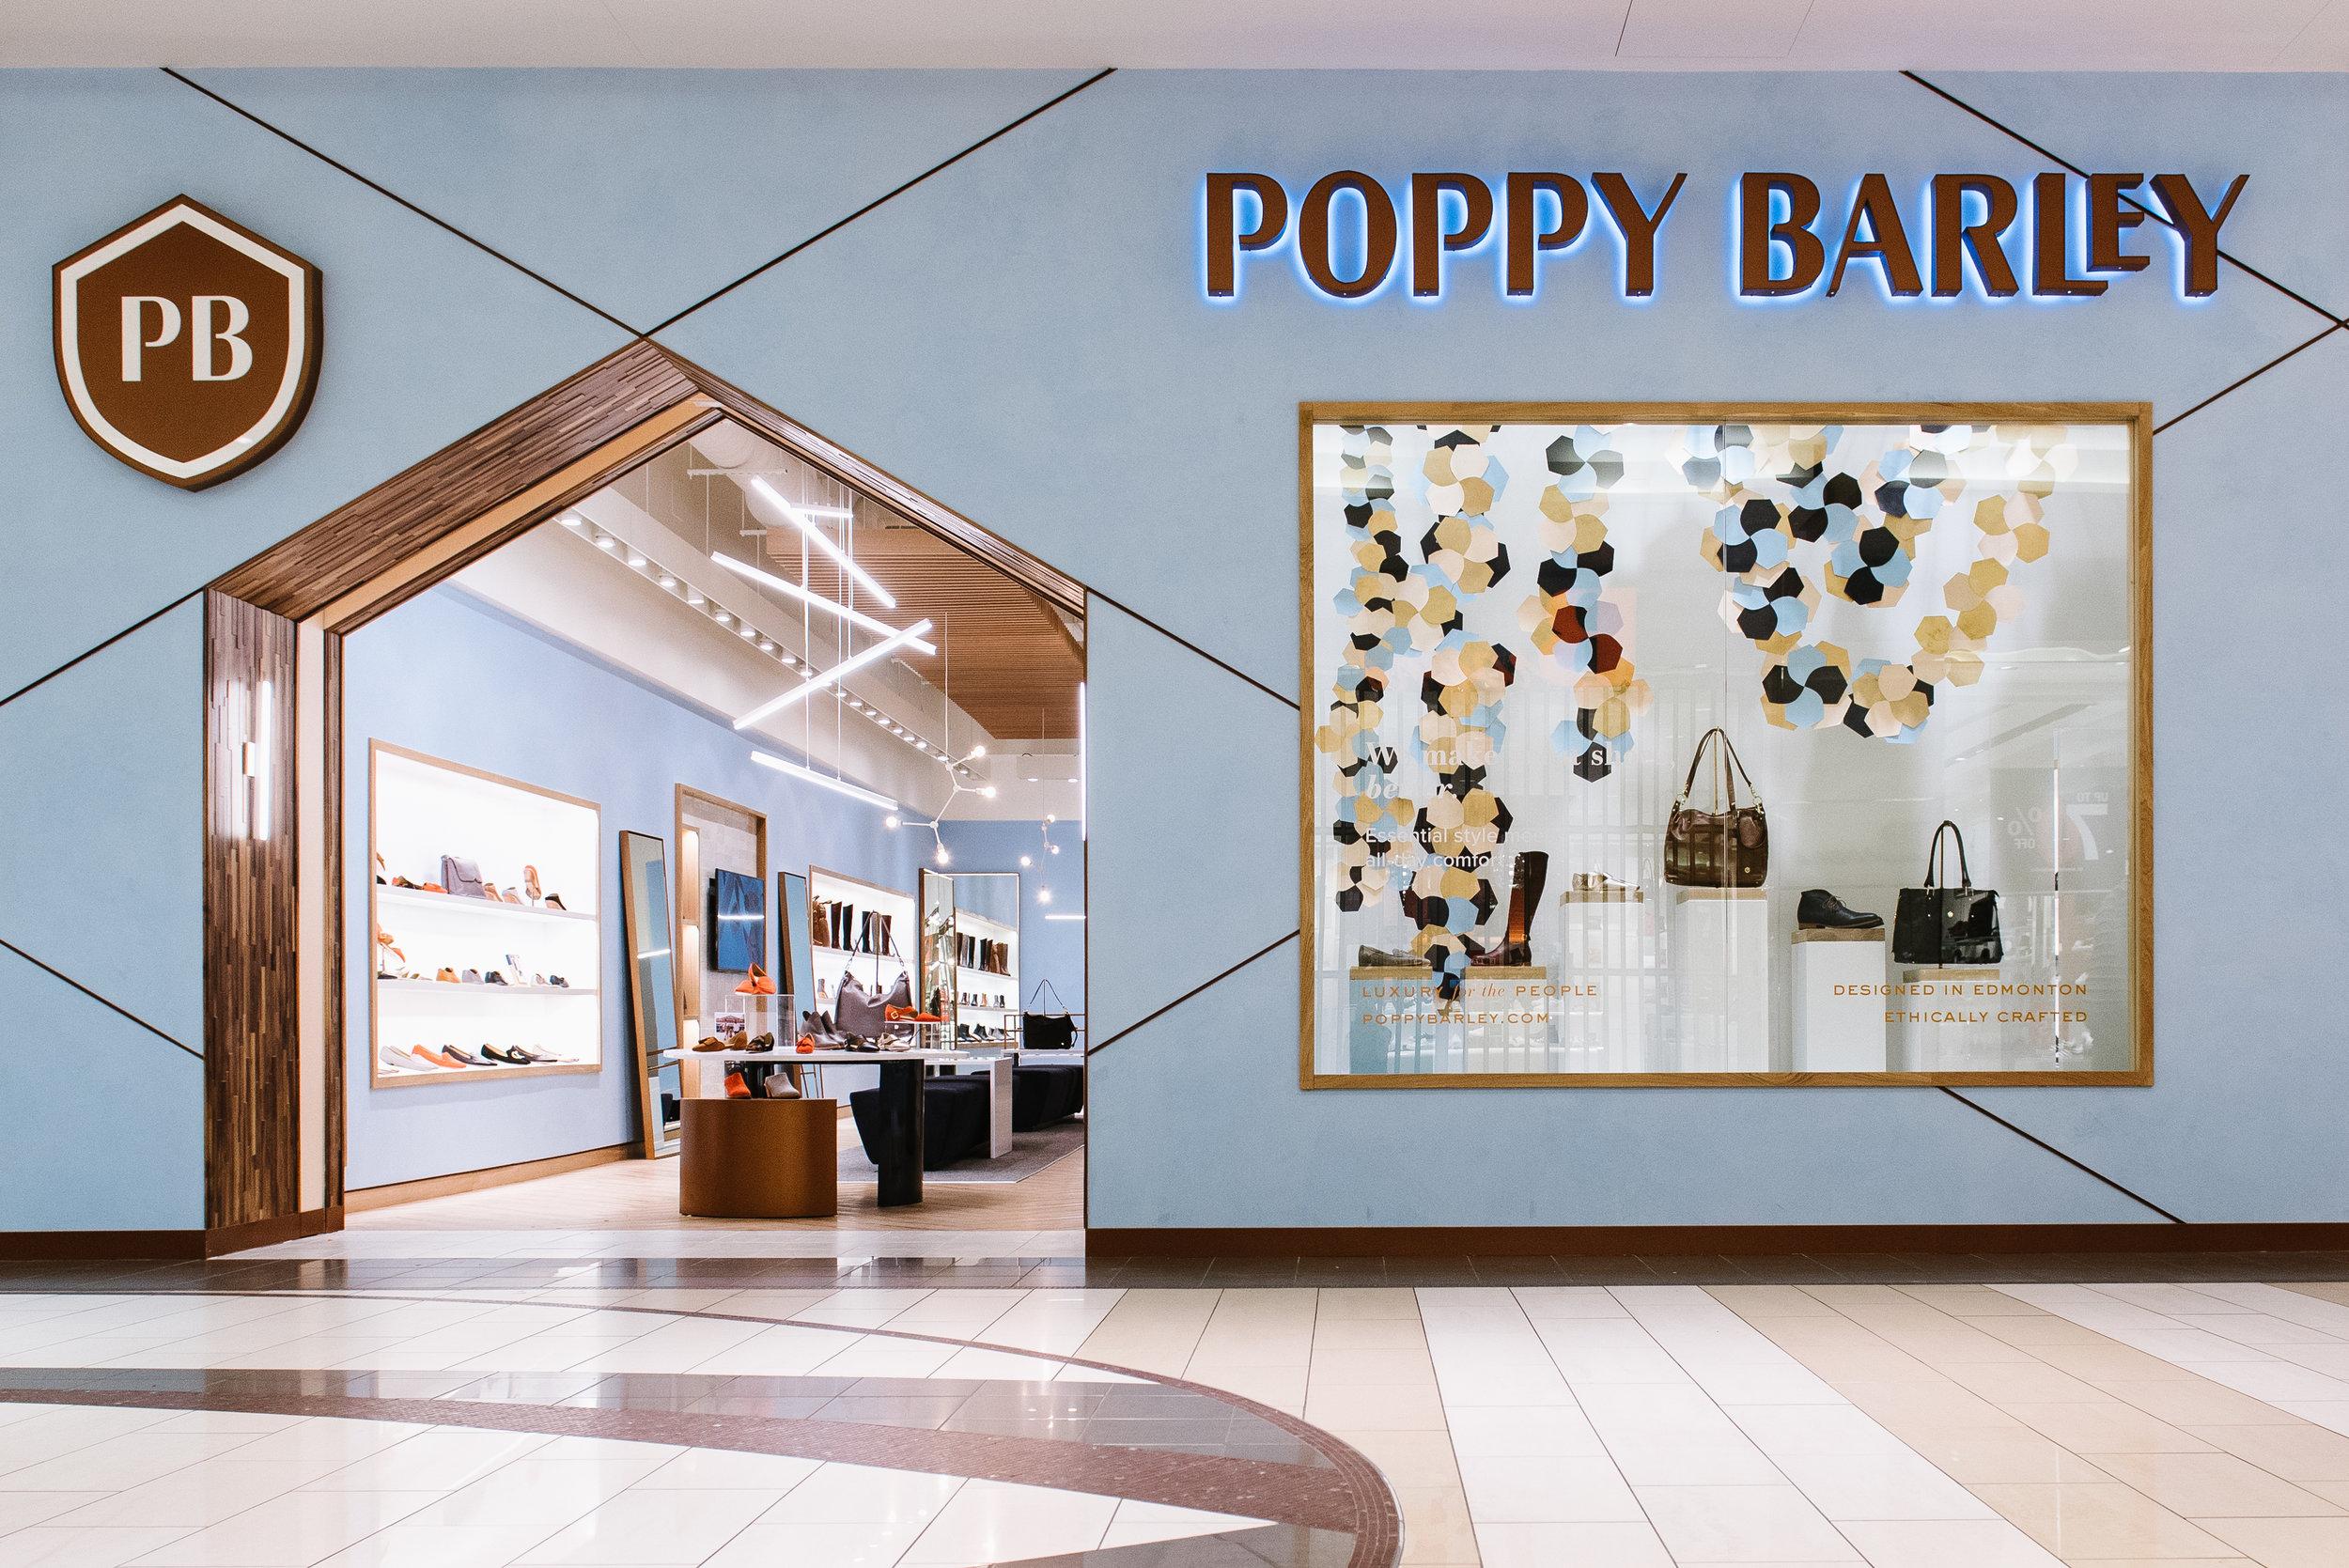 poppy barley's EDMONTON FLAGSHIP STORE PHOTO: POPPY BARLEY